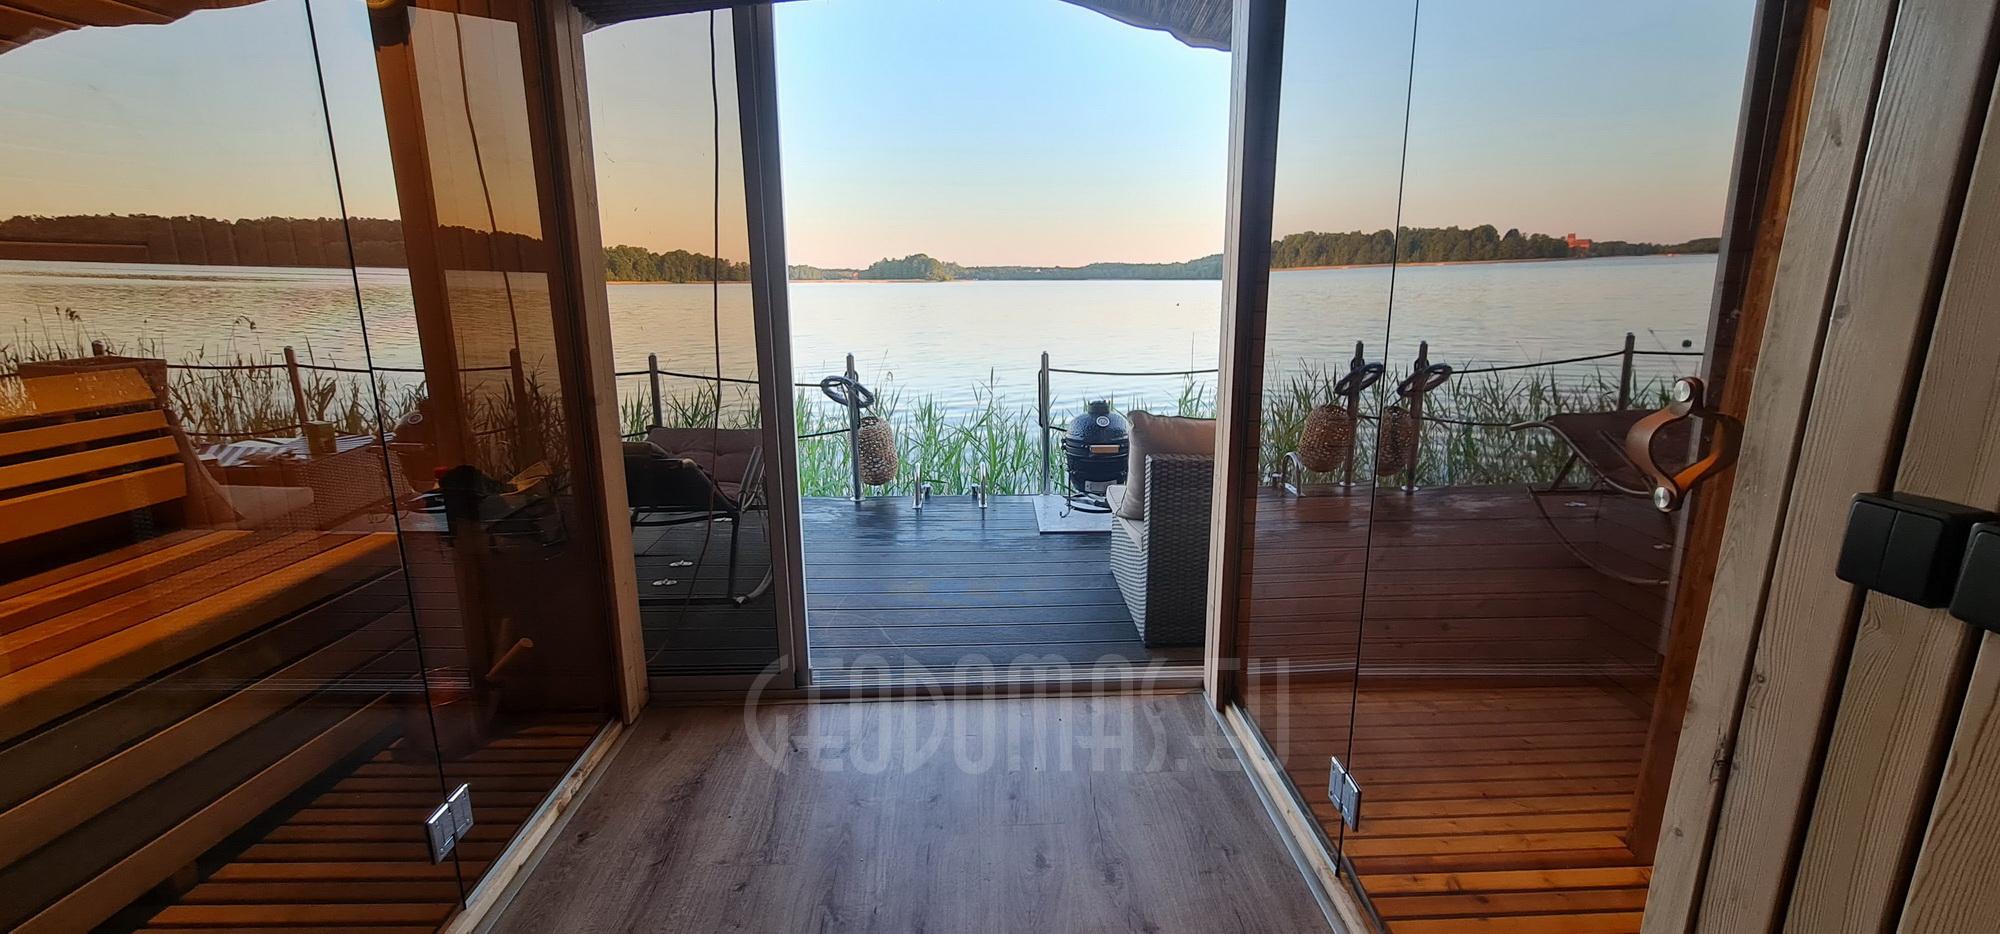 27m² Pramoginis Glamping laivas Ø7m | Pasimėgaukite ežerų ir jų salų grožiu